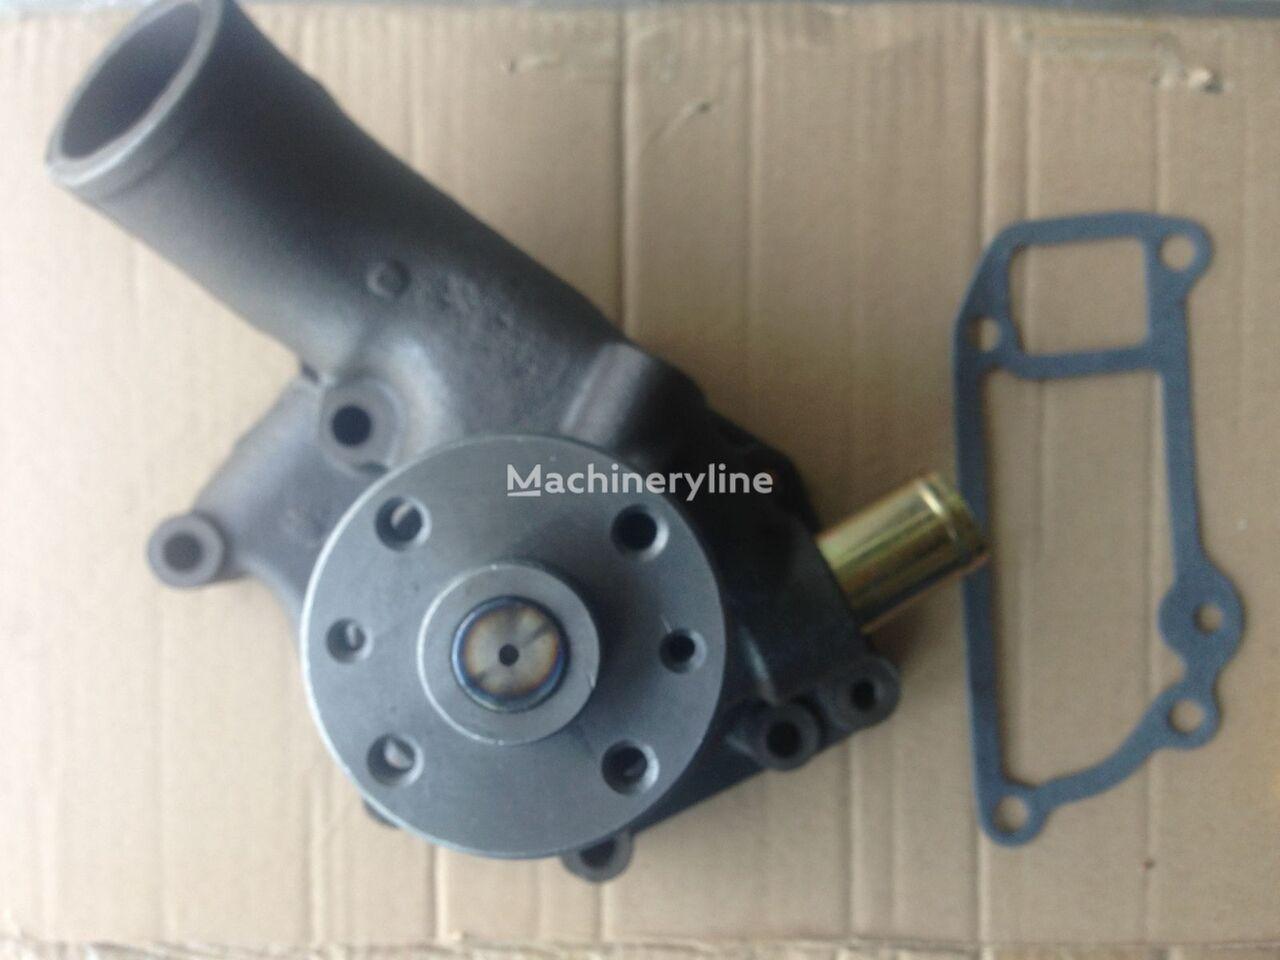 vodnaya pompa ( vodyanoy nasos ) JCB spare parts for JCB 220 excavator